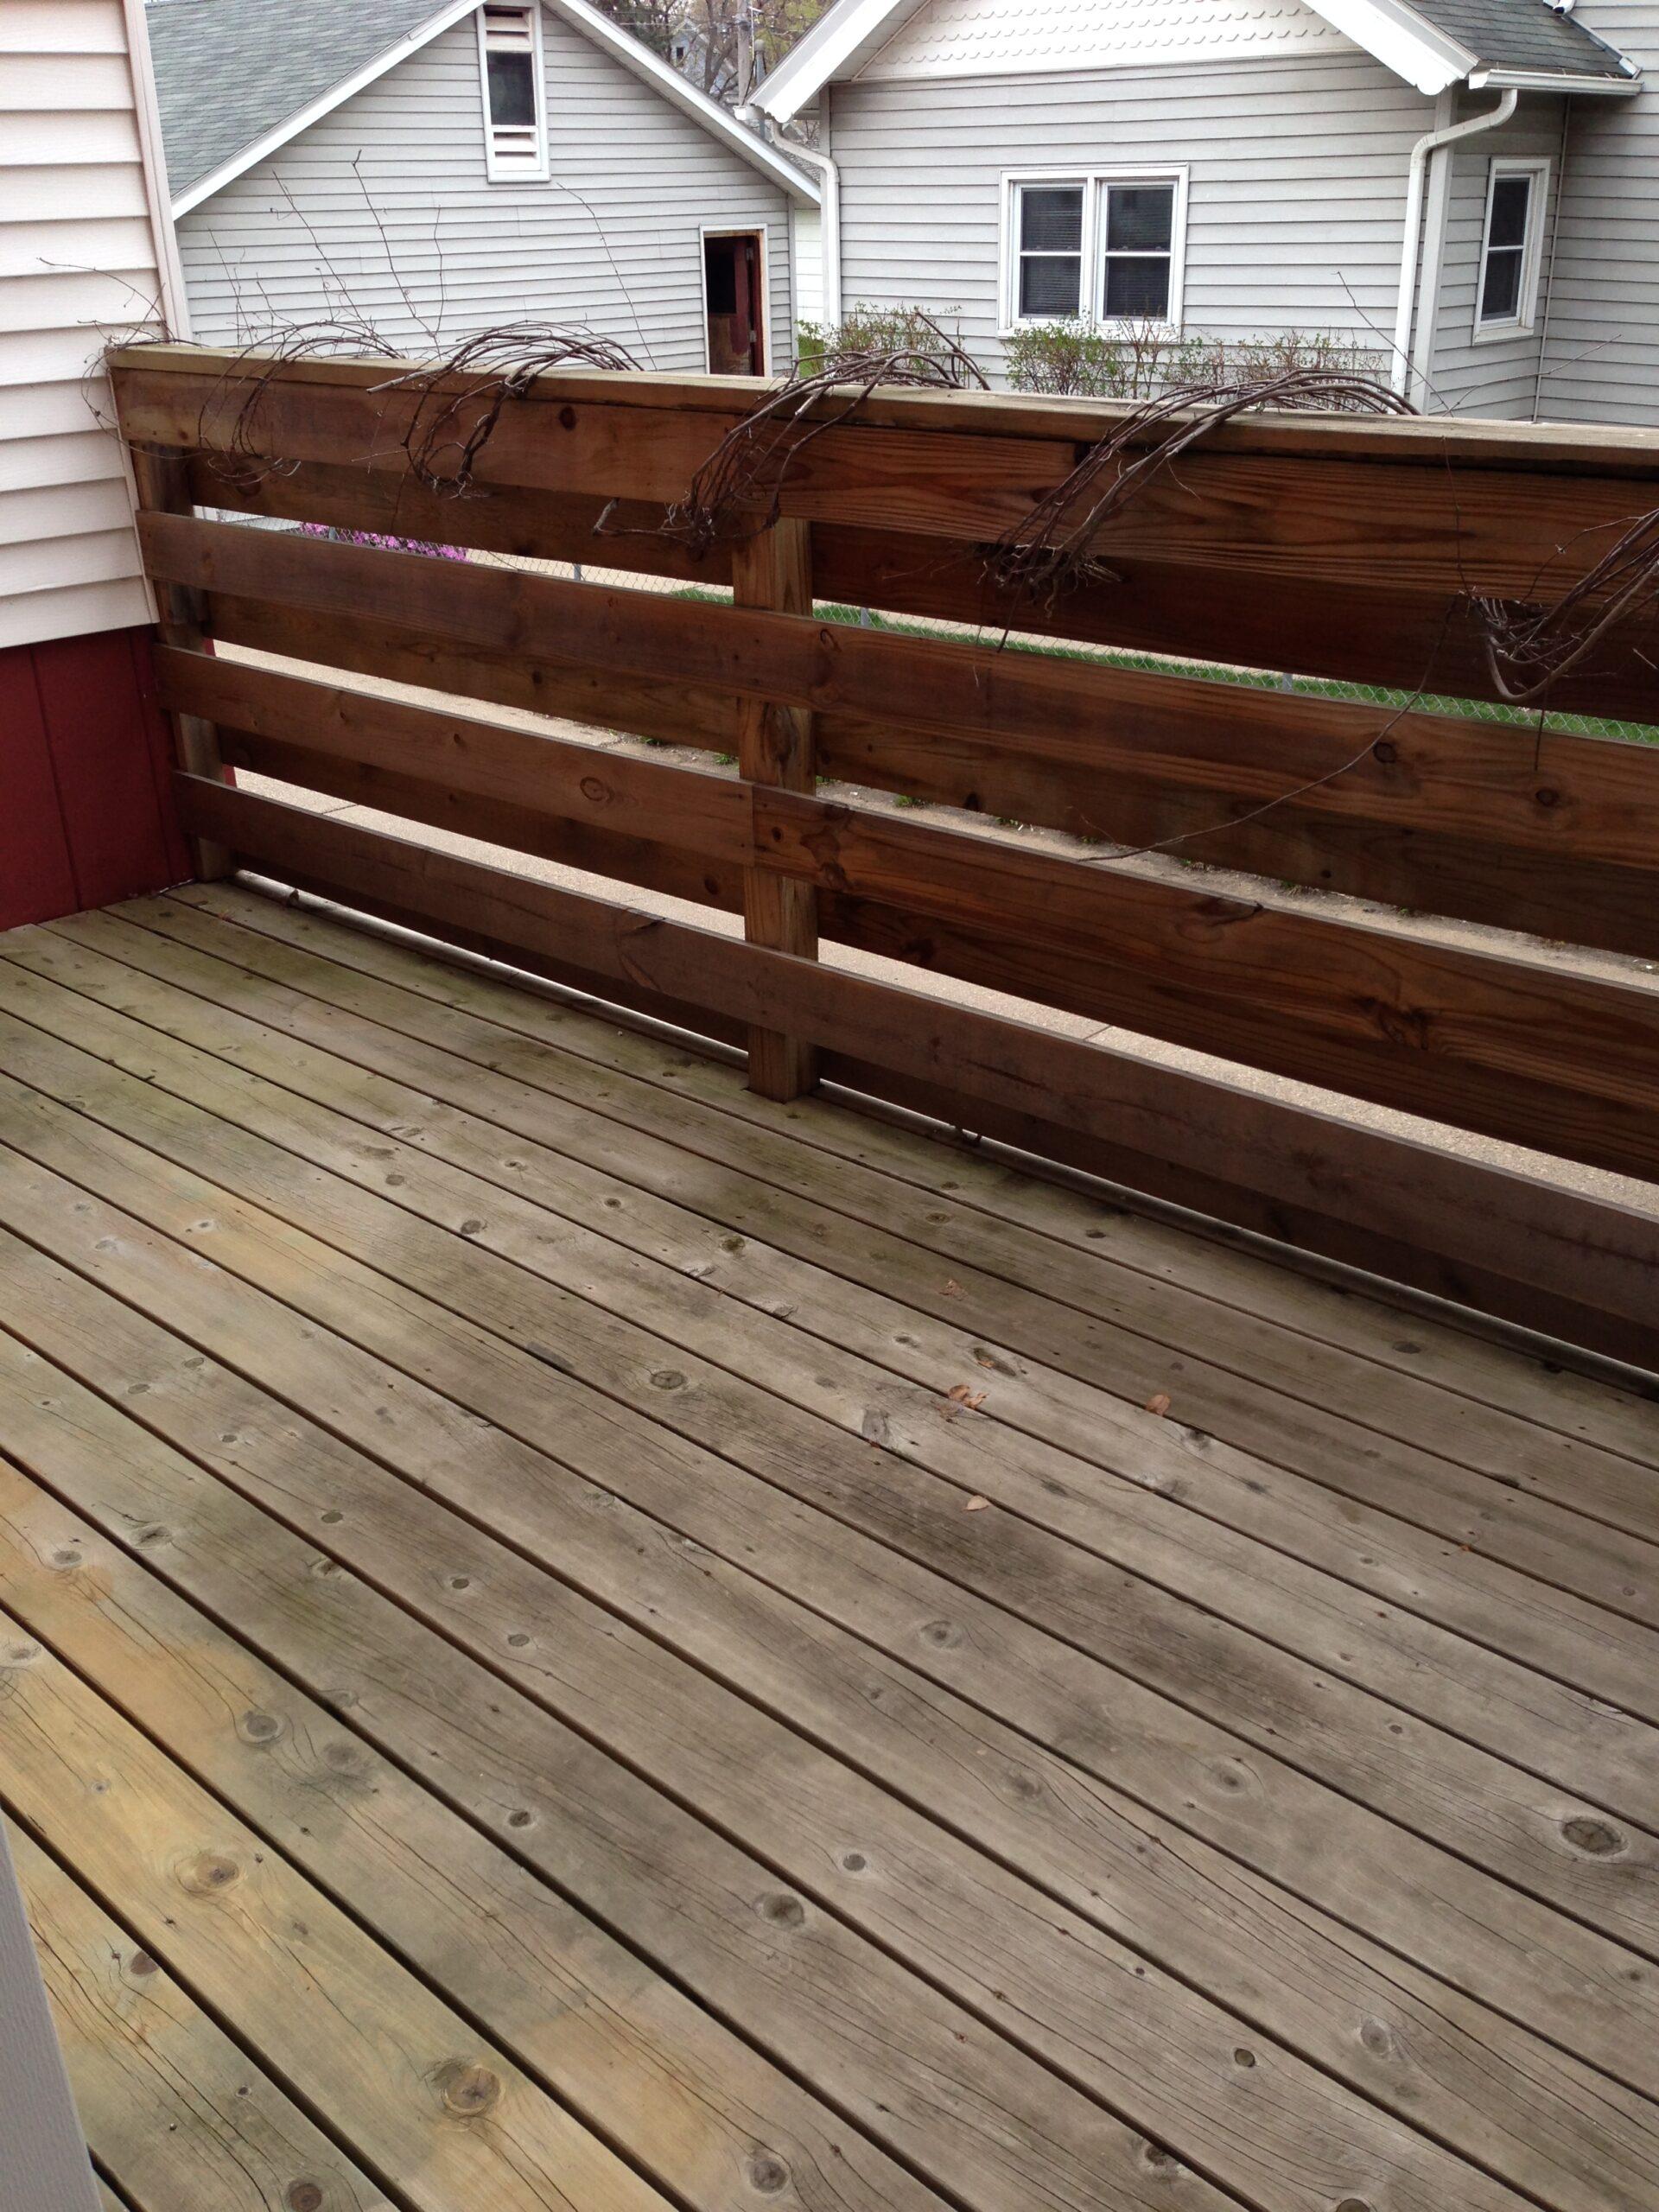 #4 Private Porch